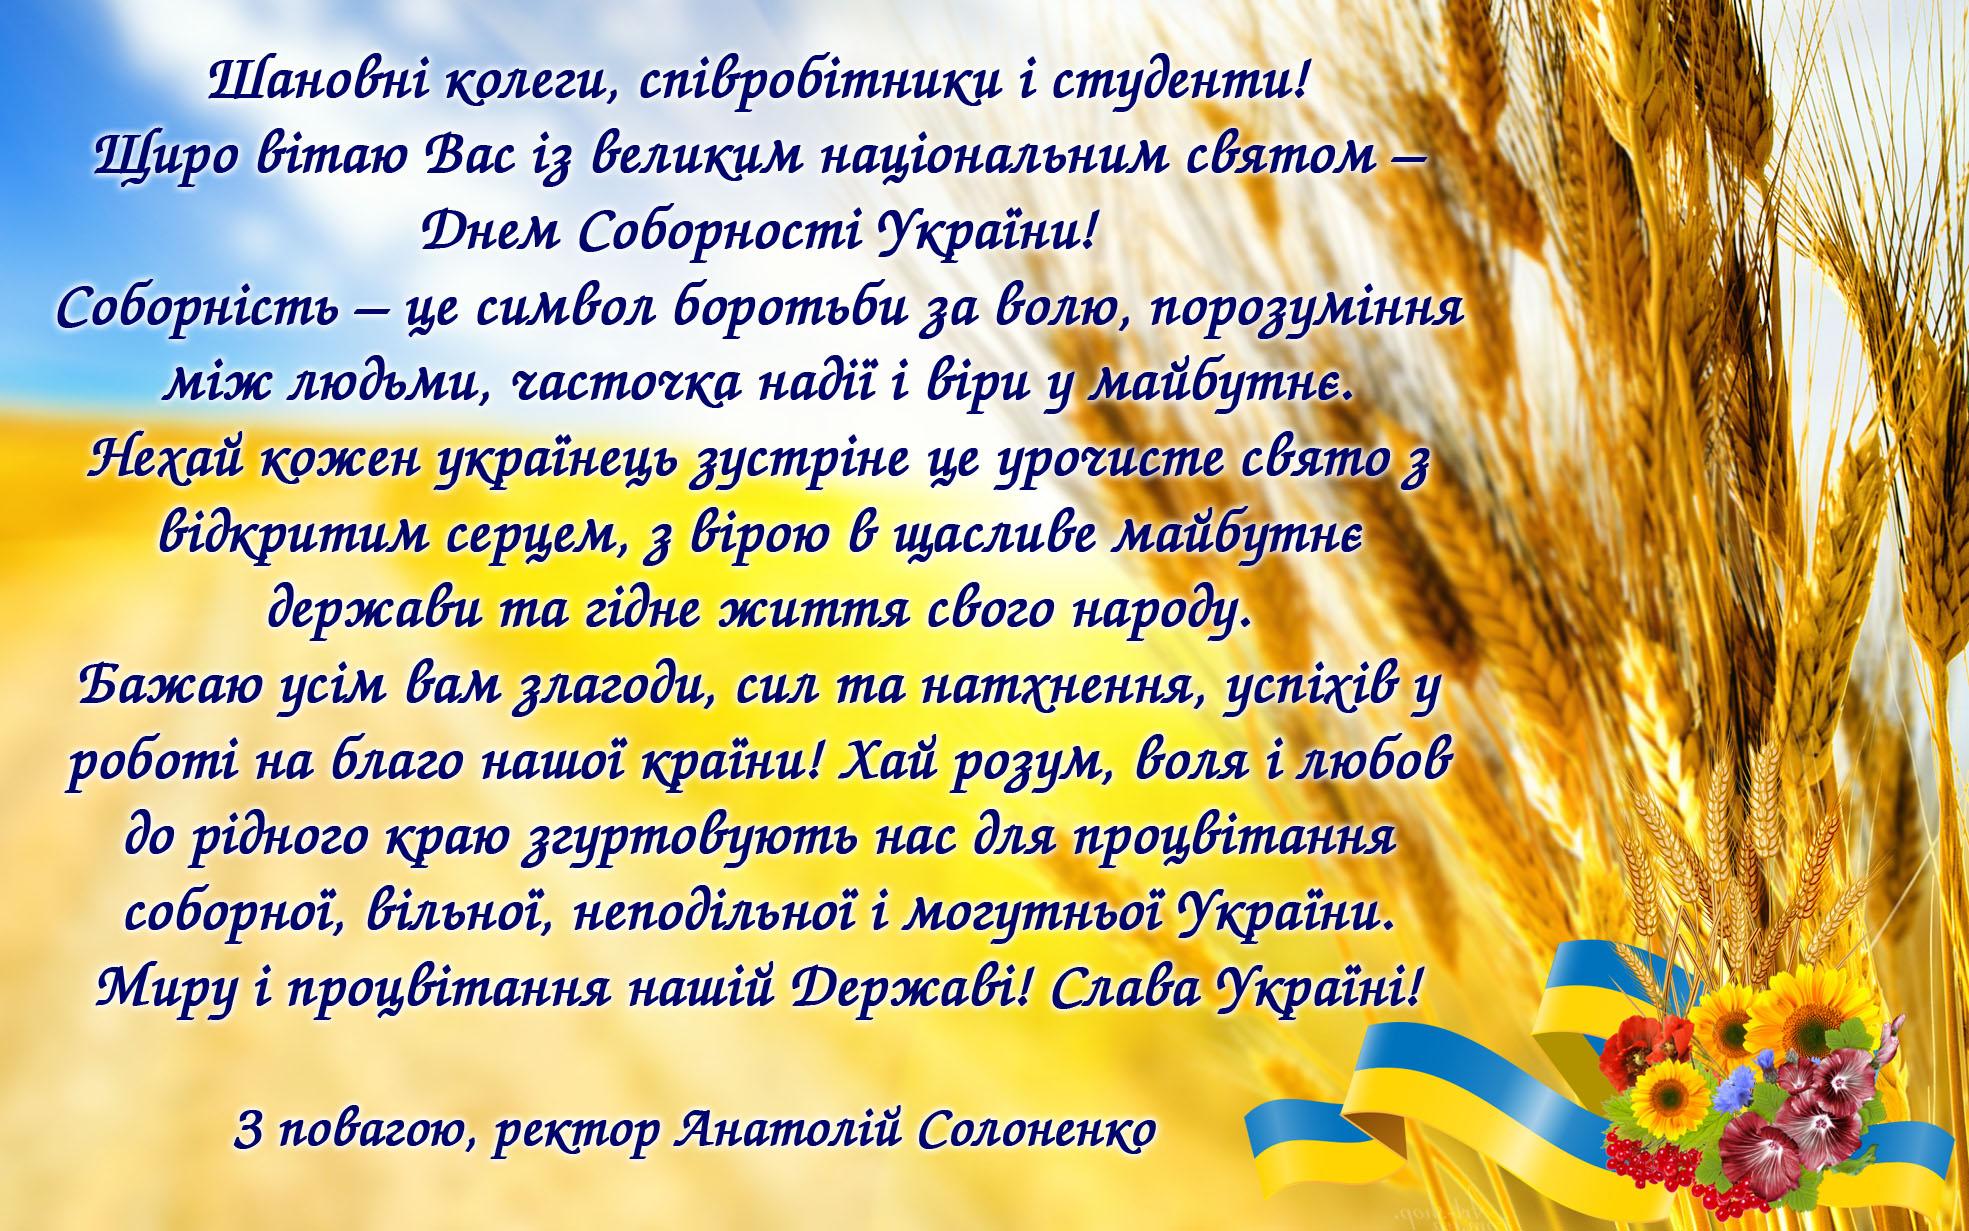 Вітання ректора університету з Днем Соборності України